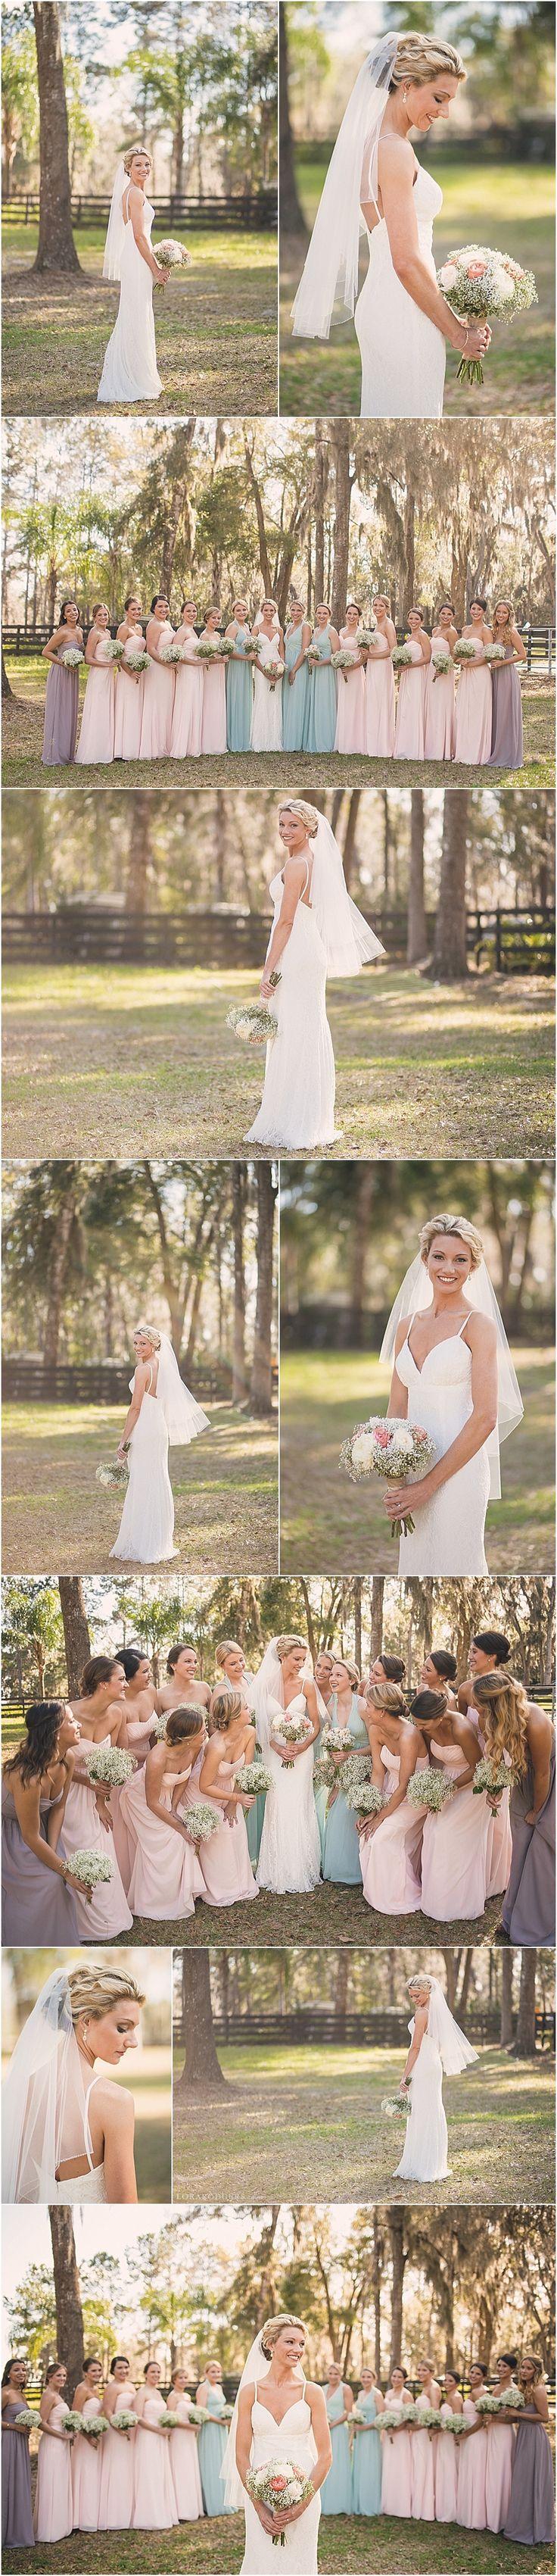 Wedding Photographer Orlando Florida | Lora Rodgers | Estate Home || Ocala, FL | http://lorarodgers.com